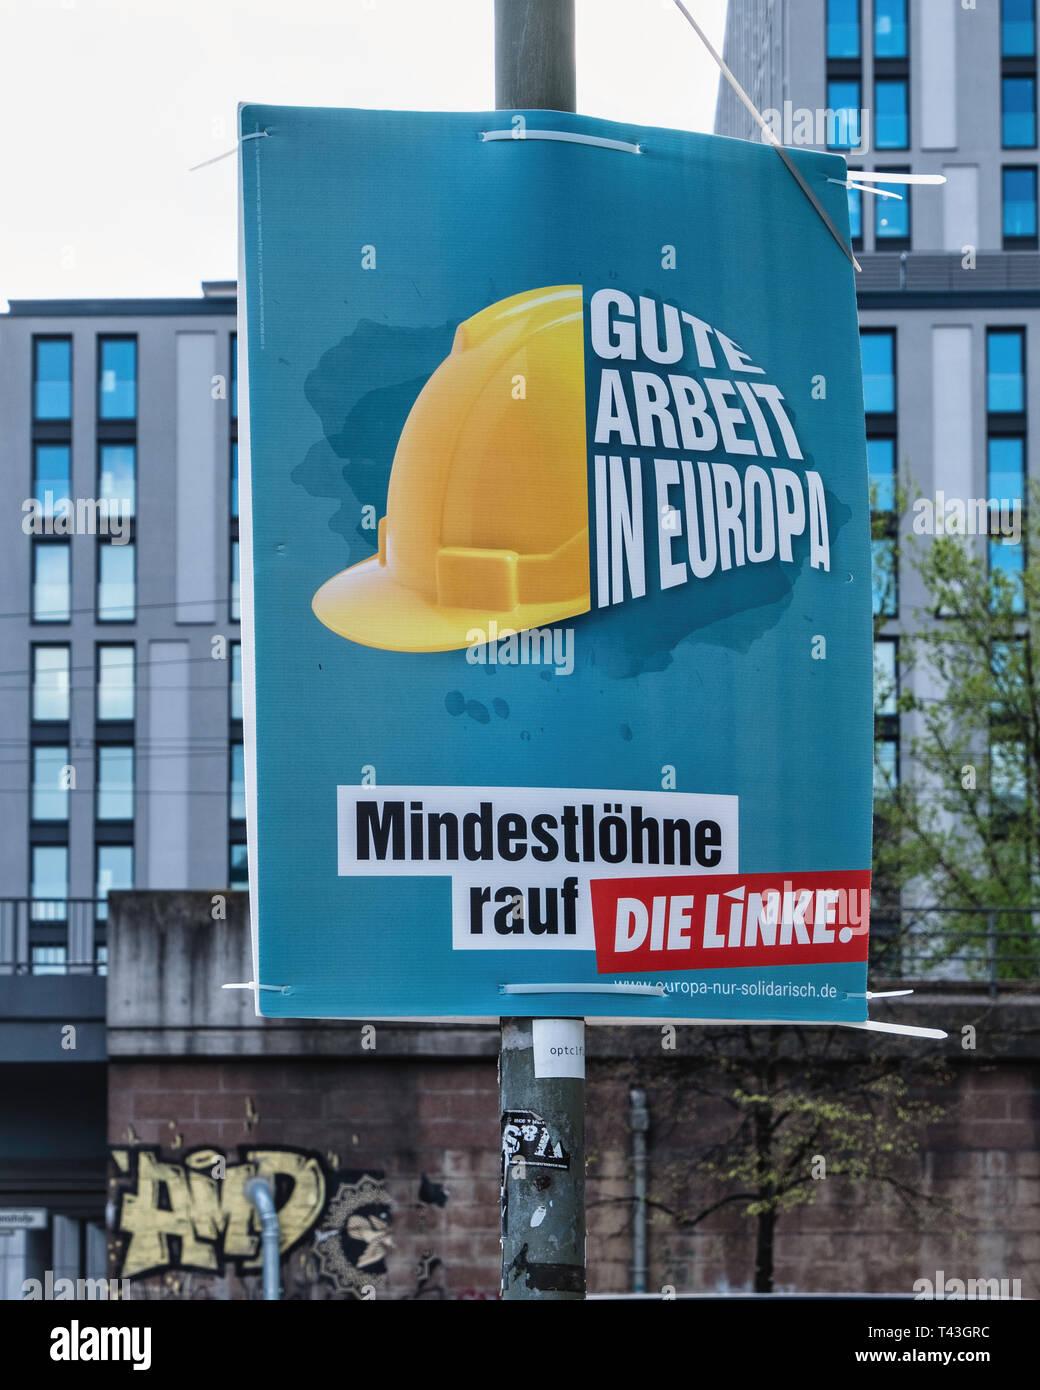 Berlino. Cartellone elettorale, elezioni europee 23-26 maggio 2019, Die Linke partito politico chiamate poster per salario minimo Immagini Stock